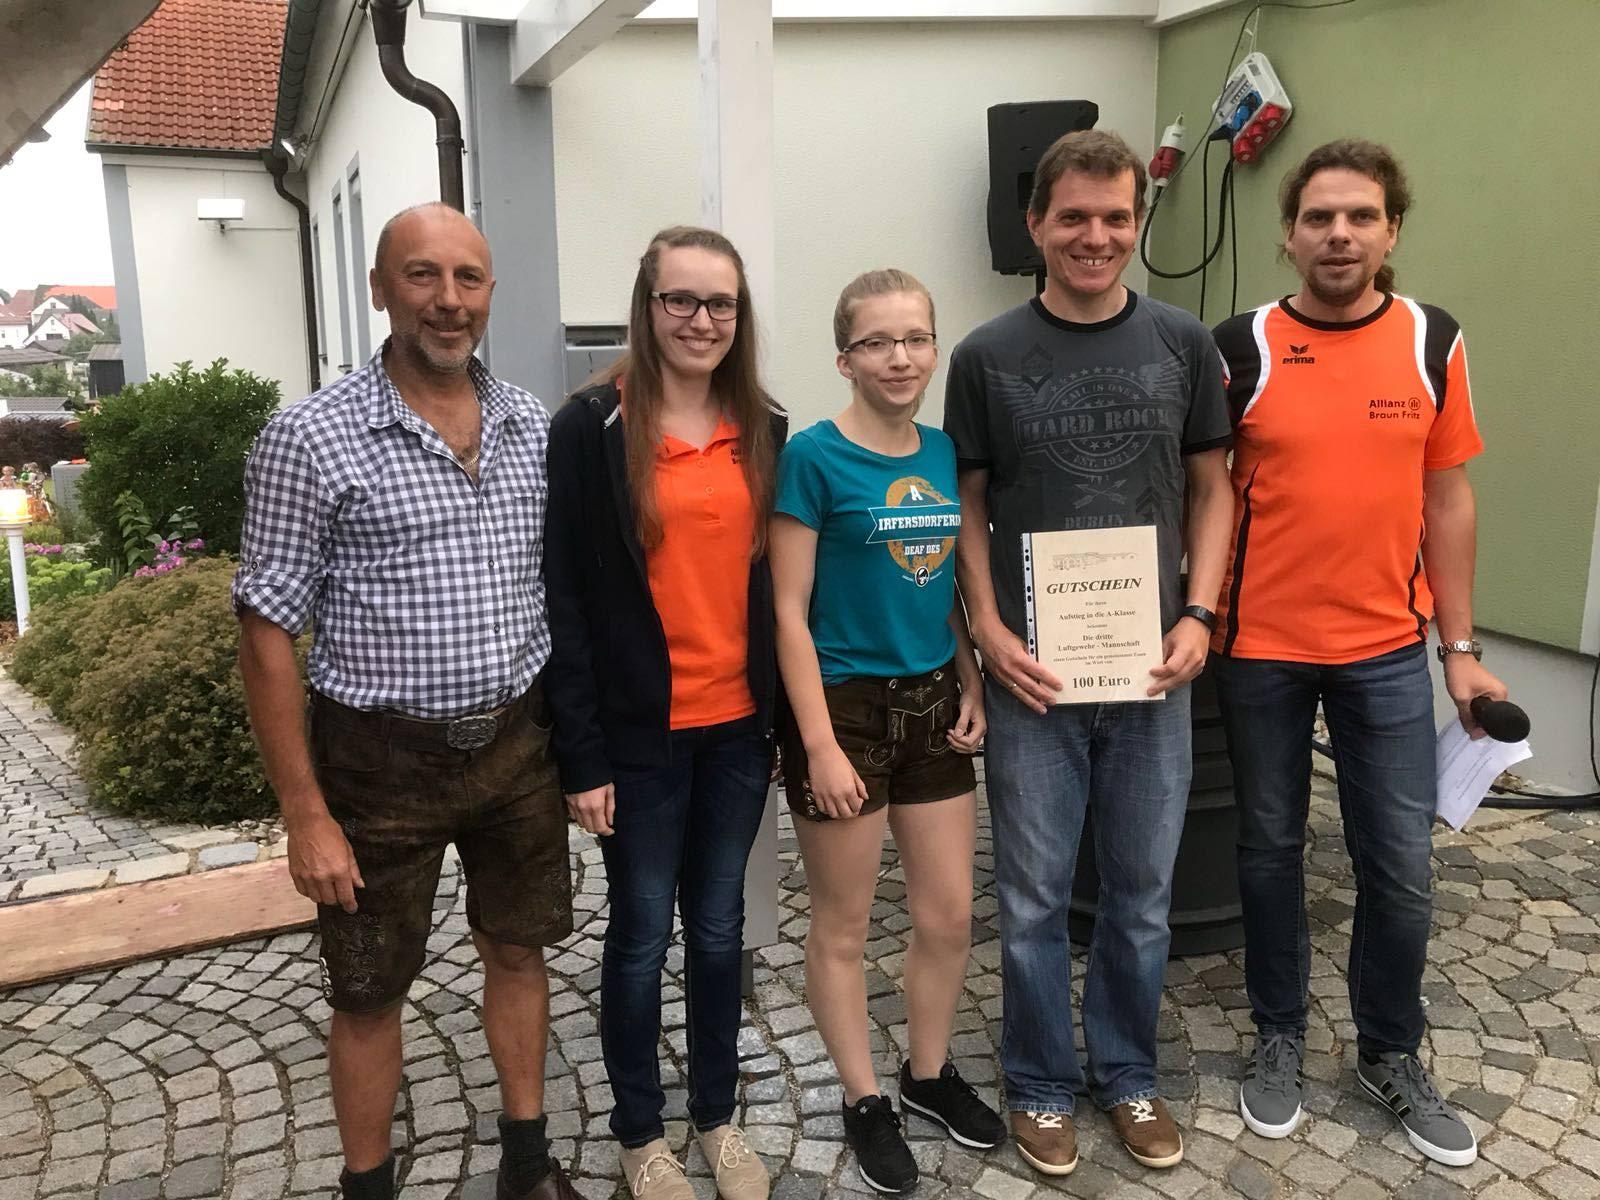 A. Wittmann, Annalena und Sandra Mosandl, R. Seyberth: 3. Mannschaft LG Aufstieg Saison 2017/18